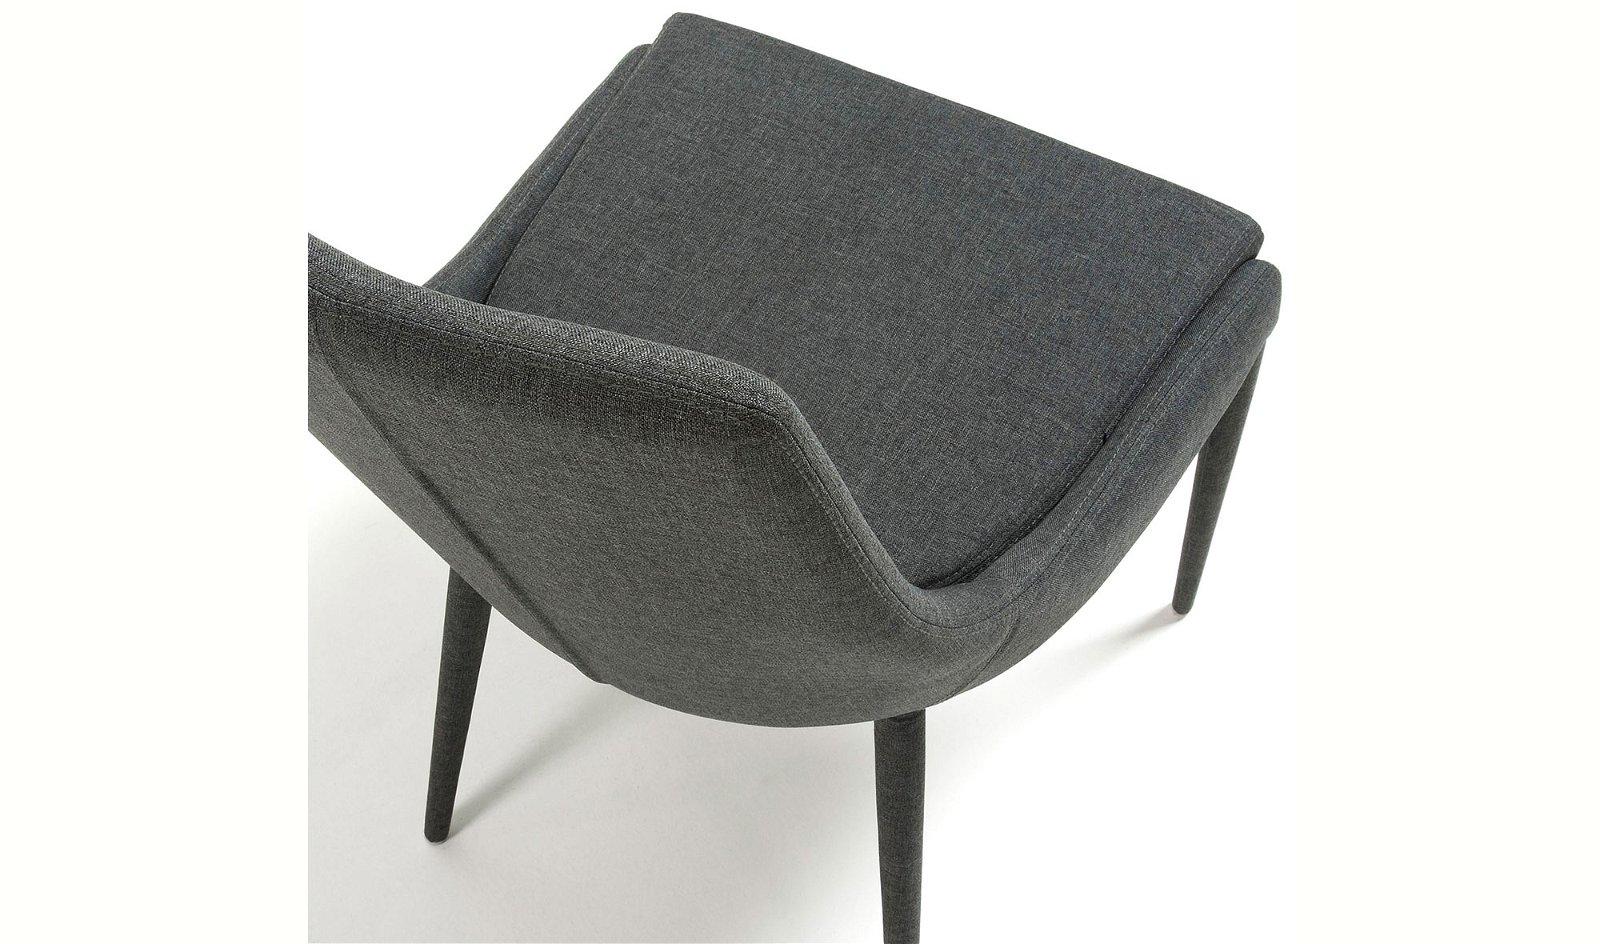 Silla tapizada moderna Tand